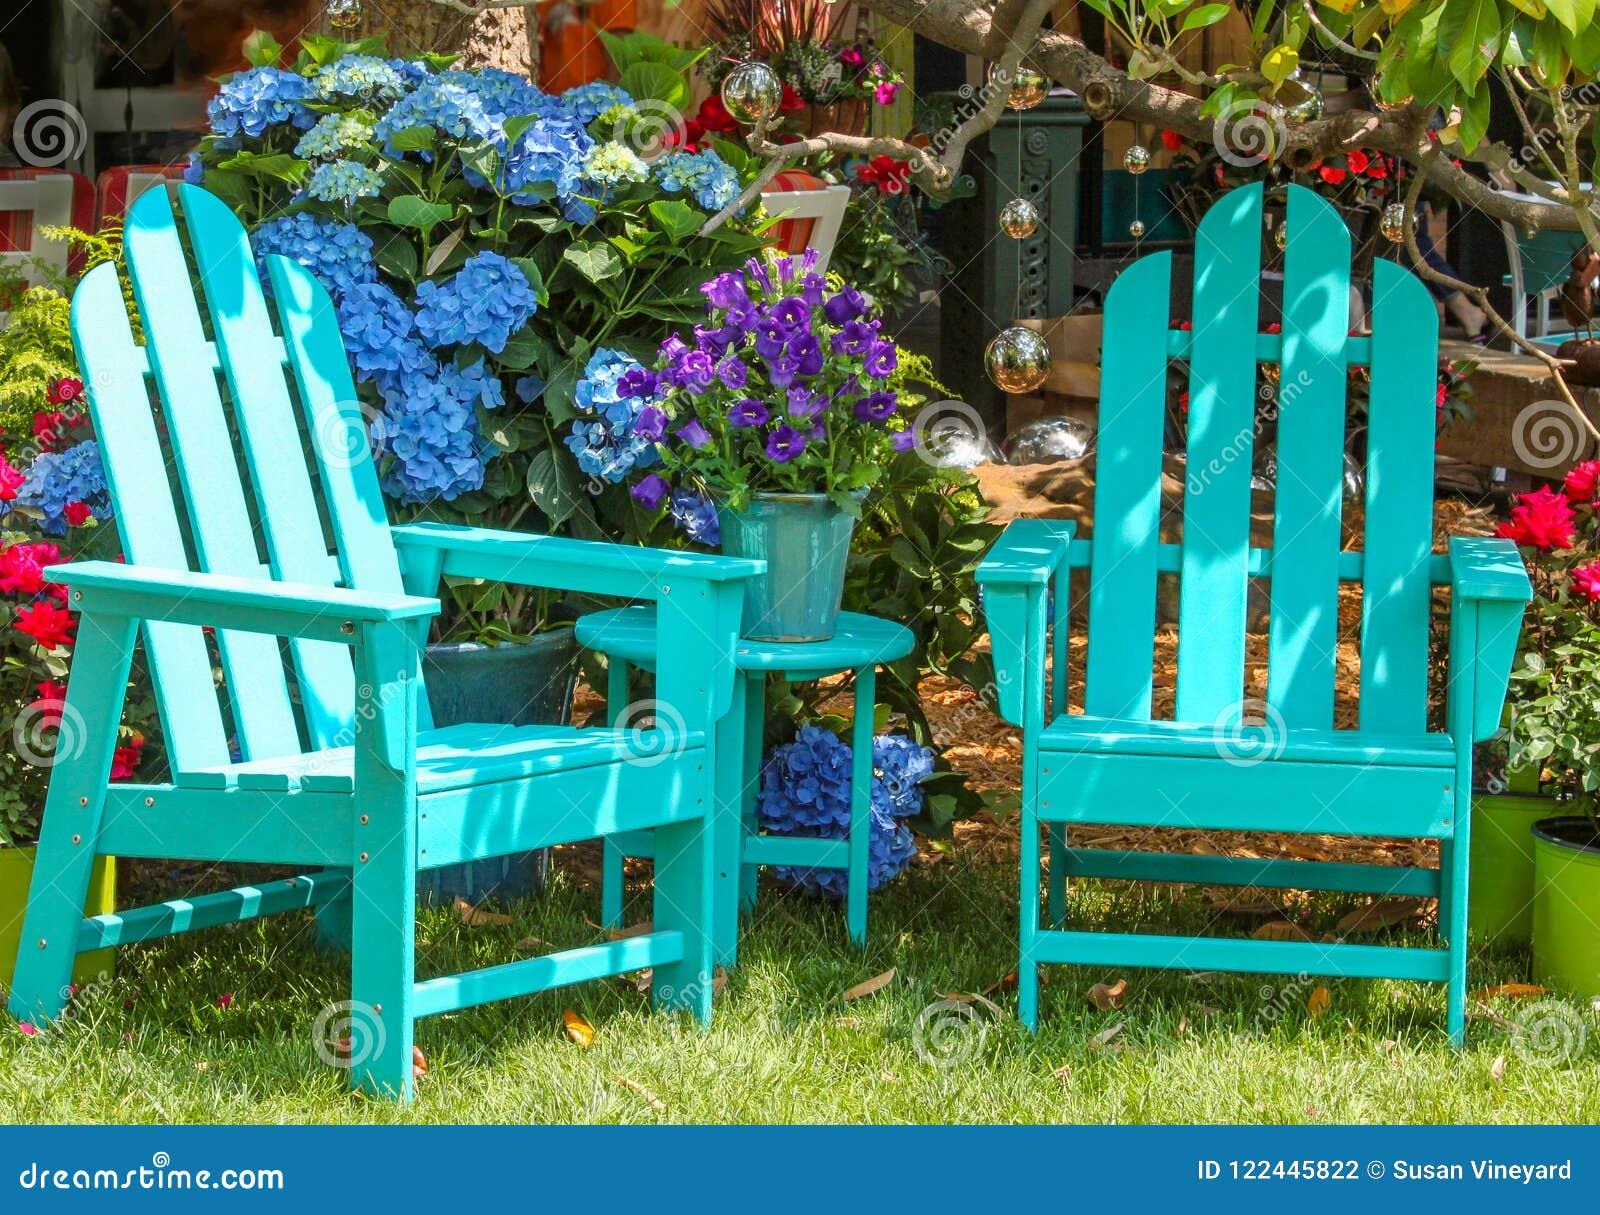 Dwa turkusu Adirondack krzesła i dopasowywanie stół otaczający pięknymi kwiatami, drzewami i jaśnienie lustrzanymi piłkami wręcza